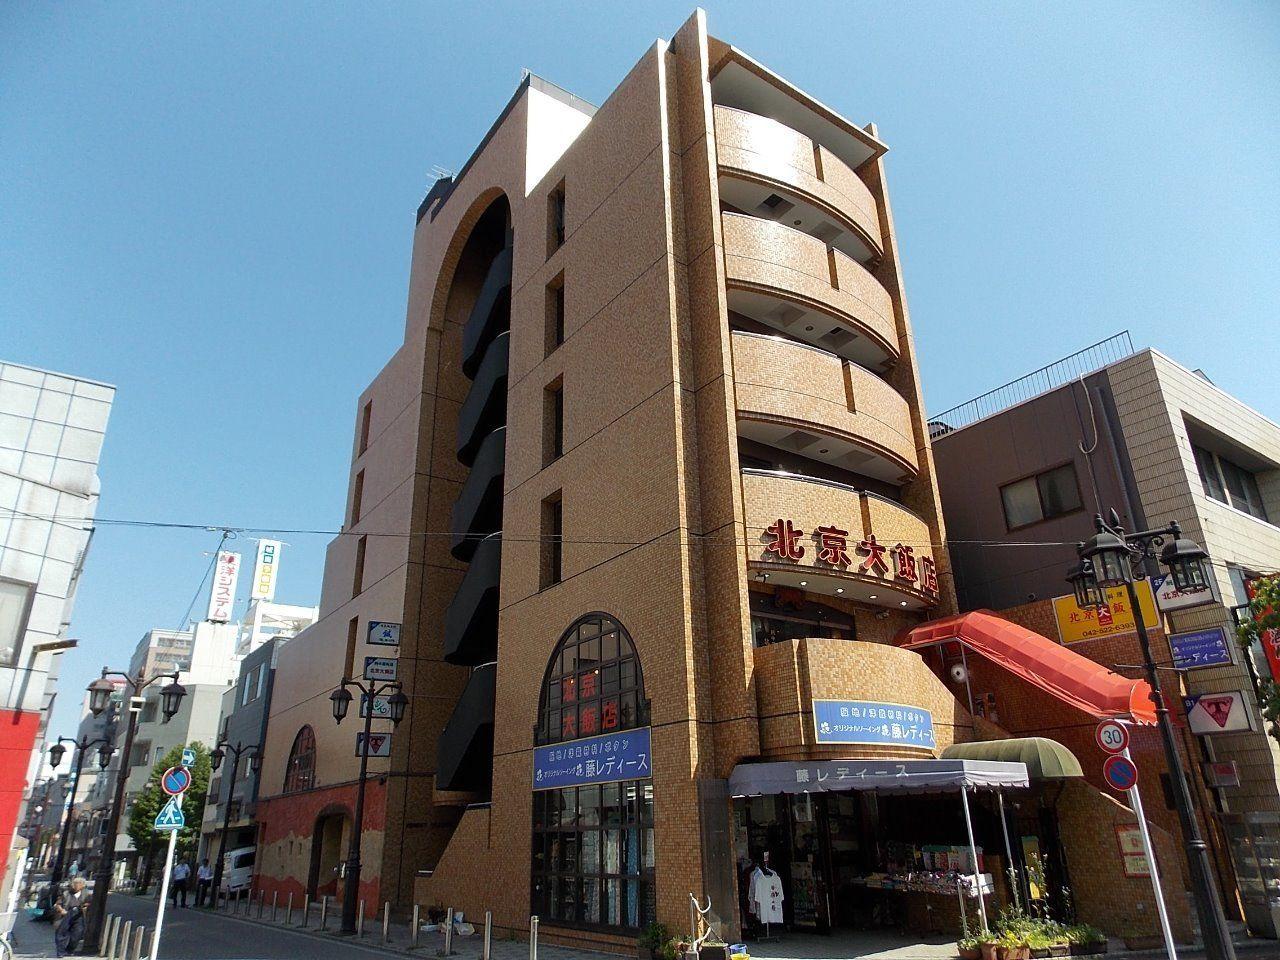 オネストヴィレッヂは6階建てのマンション